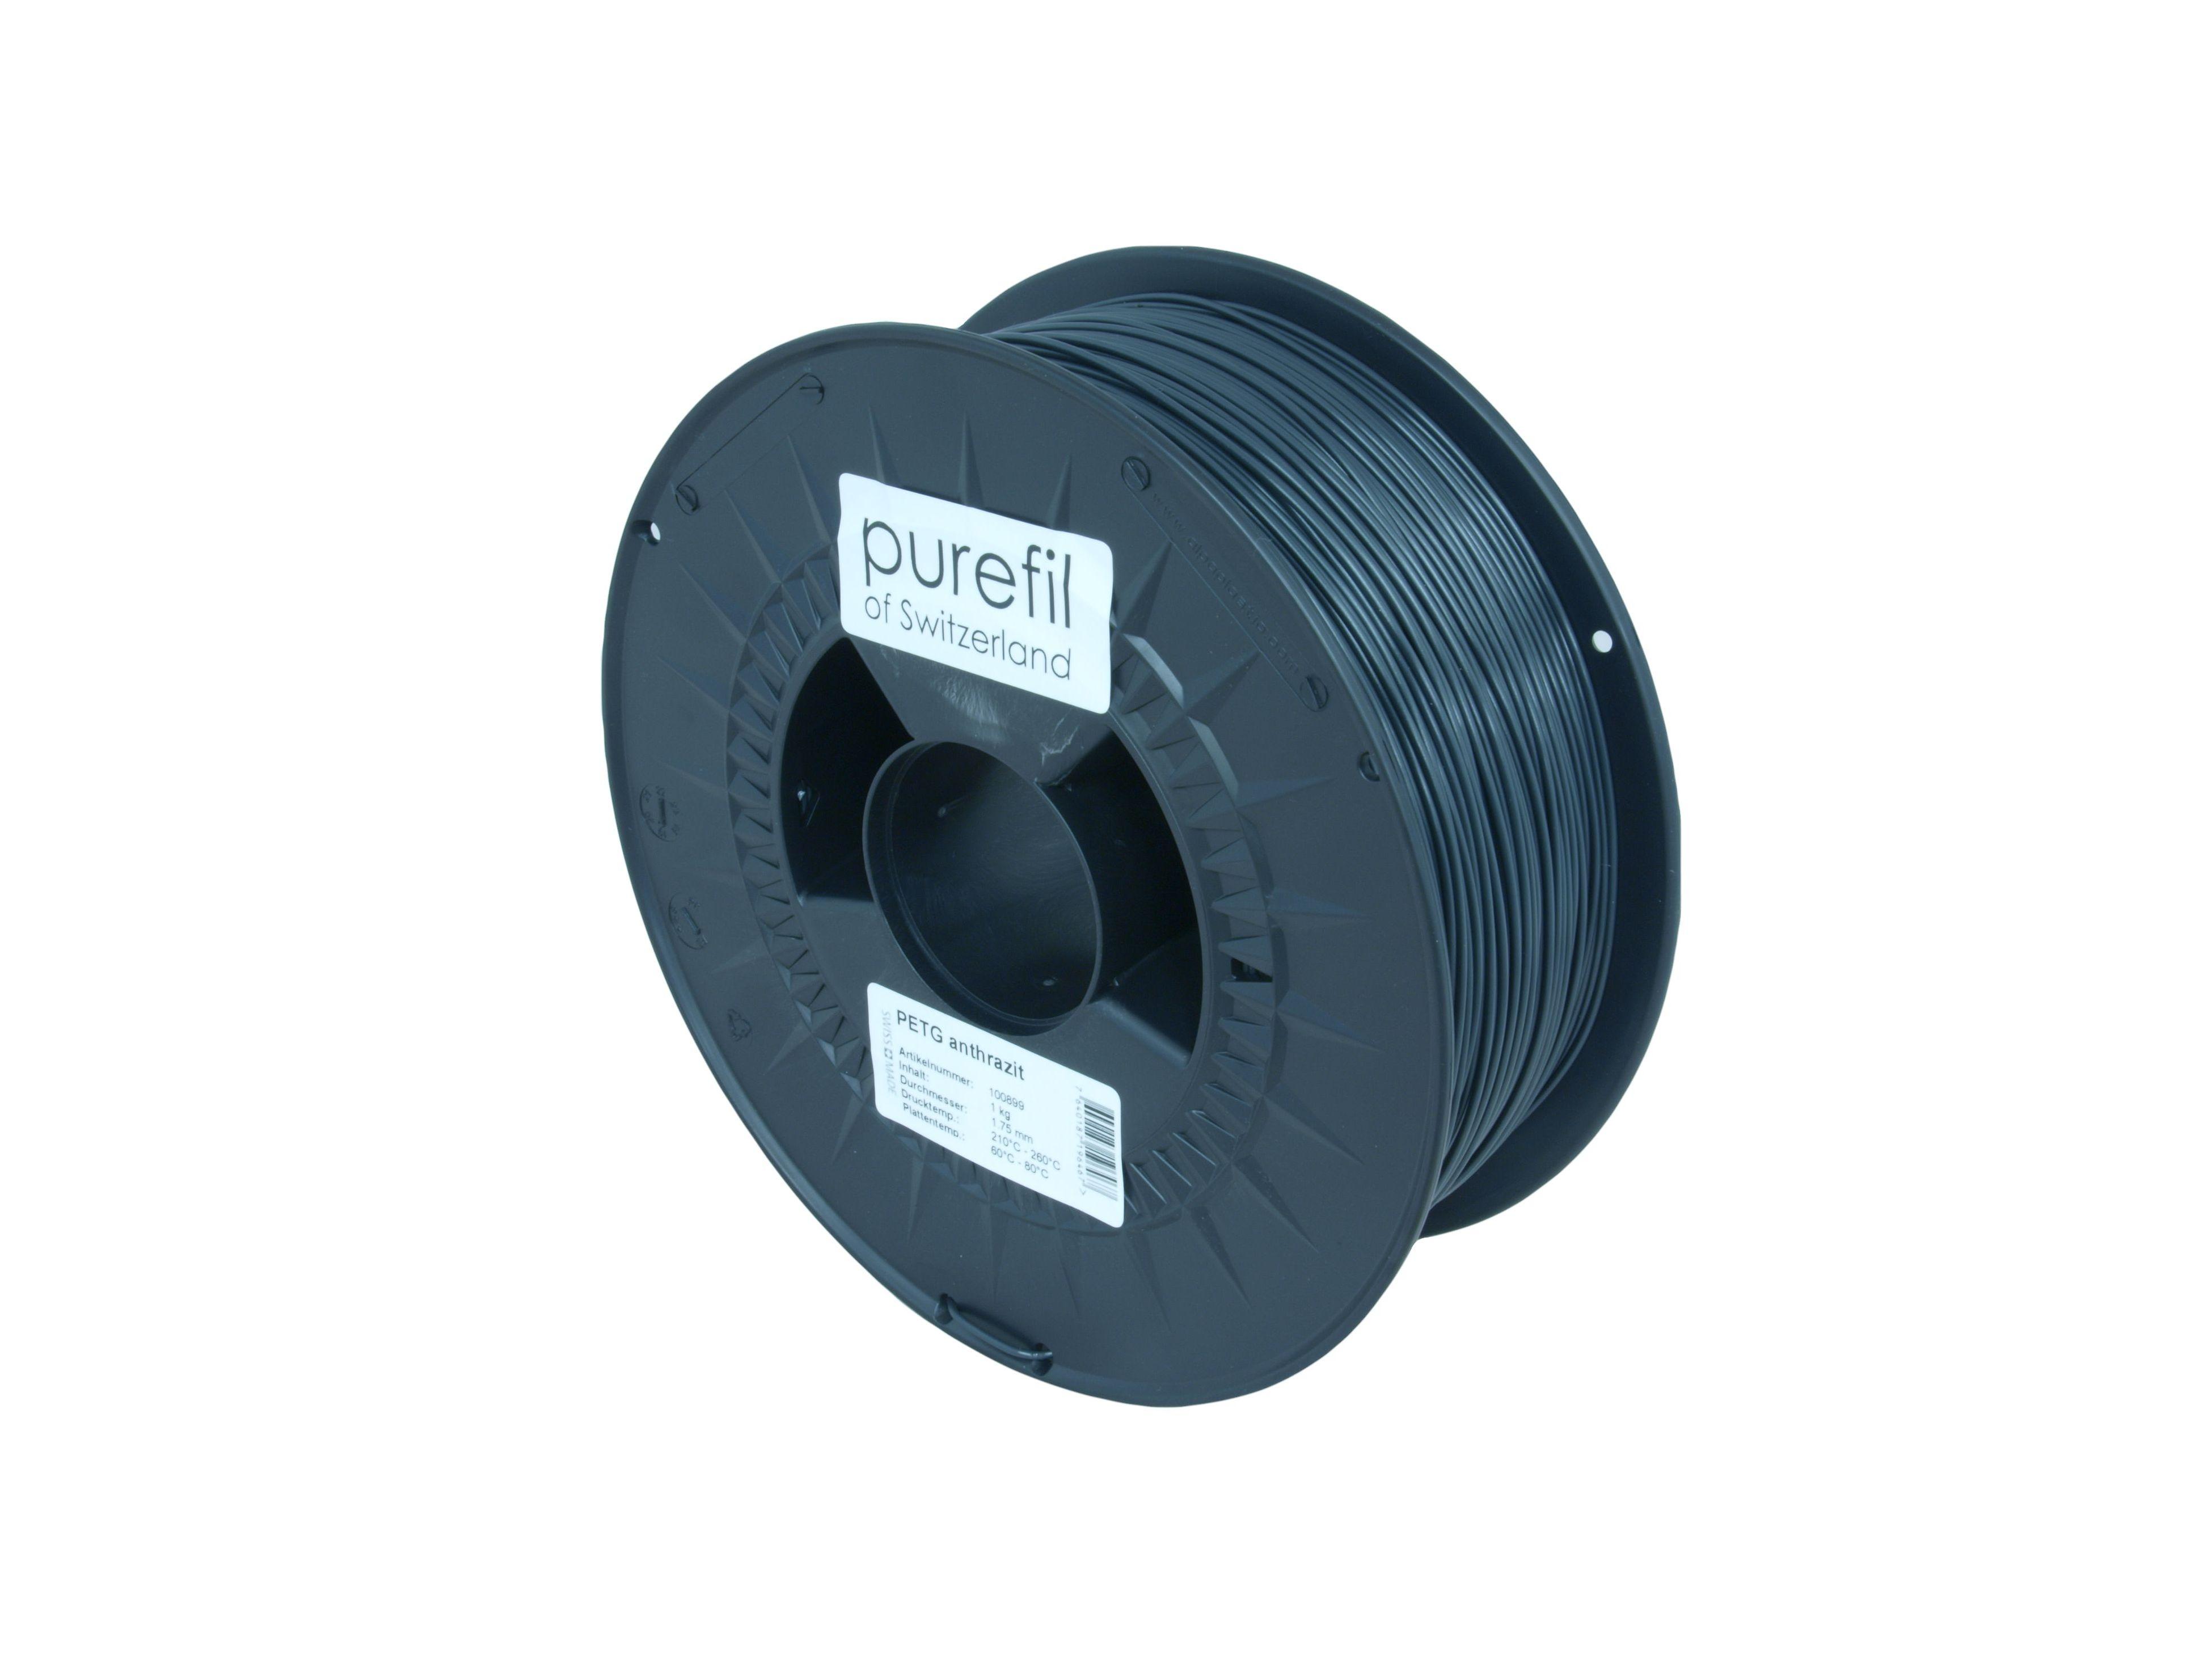 PETG Filament Purefil PETG Anthrazit 1Kg 1.75mm